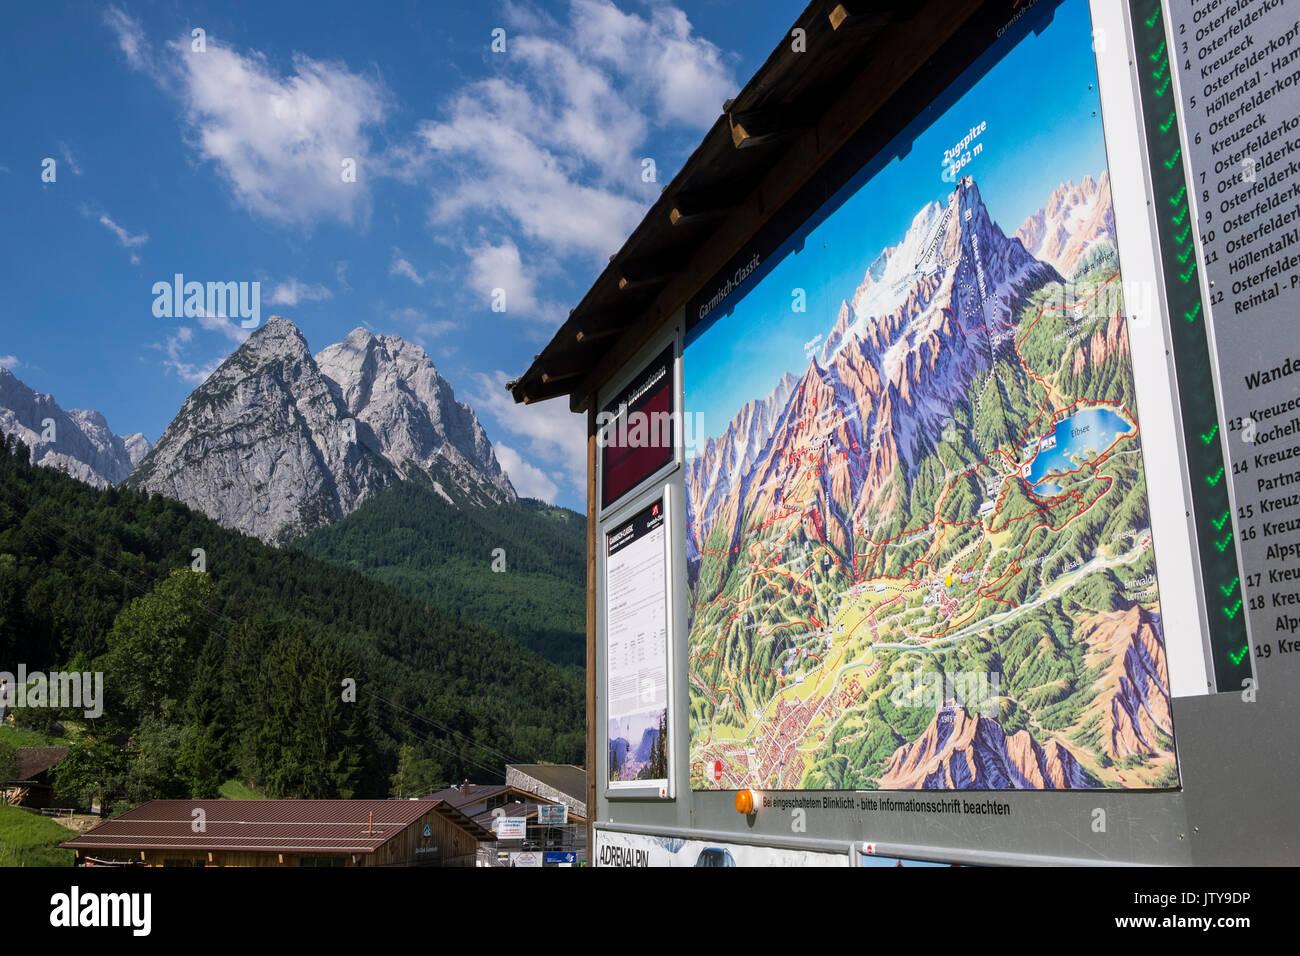 information-sign-at-the-kreuzakbahn-cabl